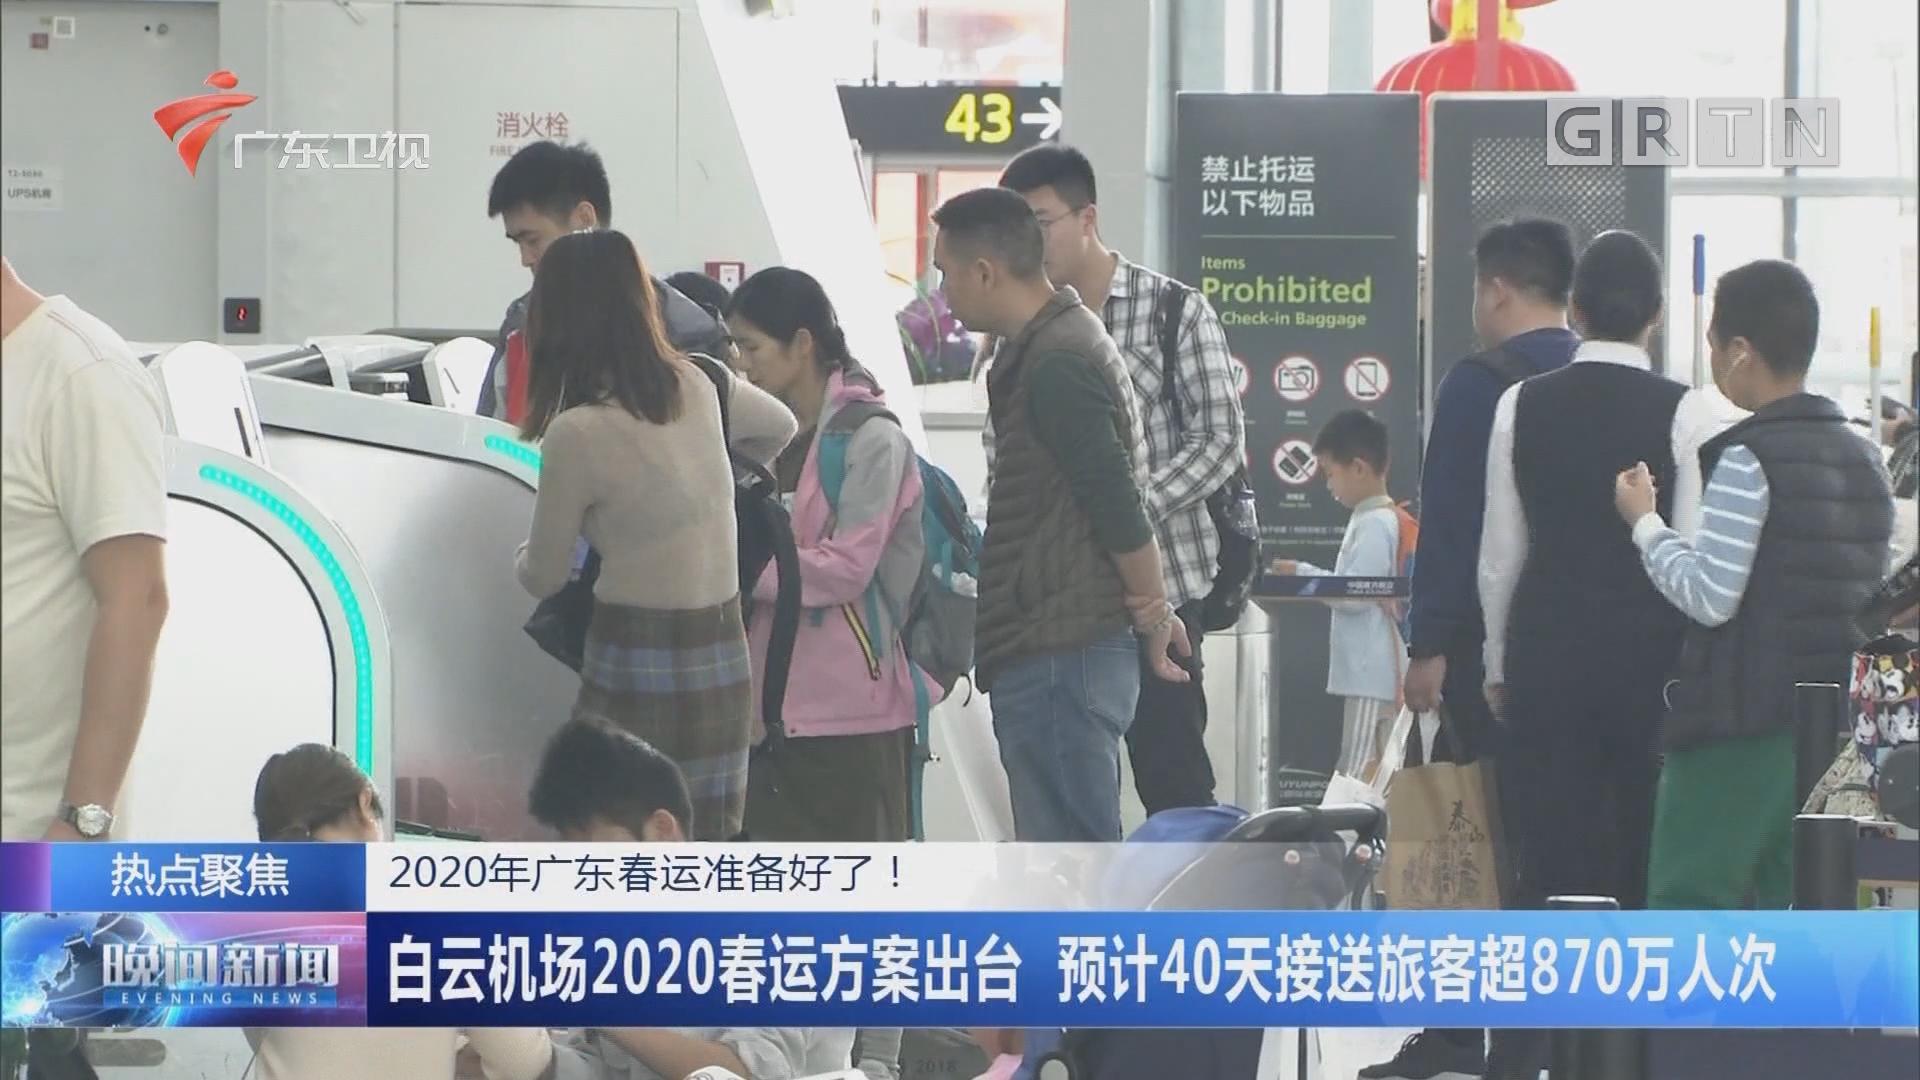 2020年广东春运准备好了! 白云机场2020春运方案出台 预计40天接送旅客超870万人次